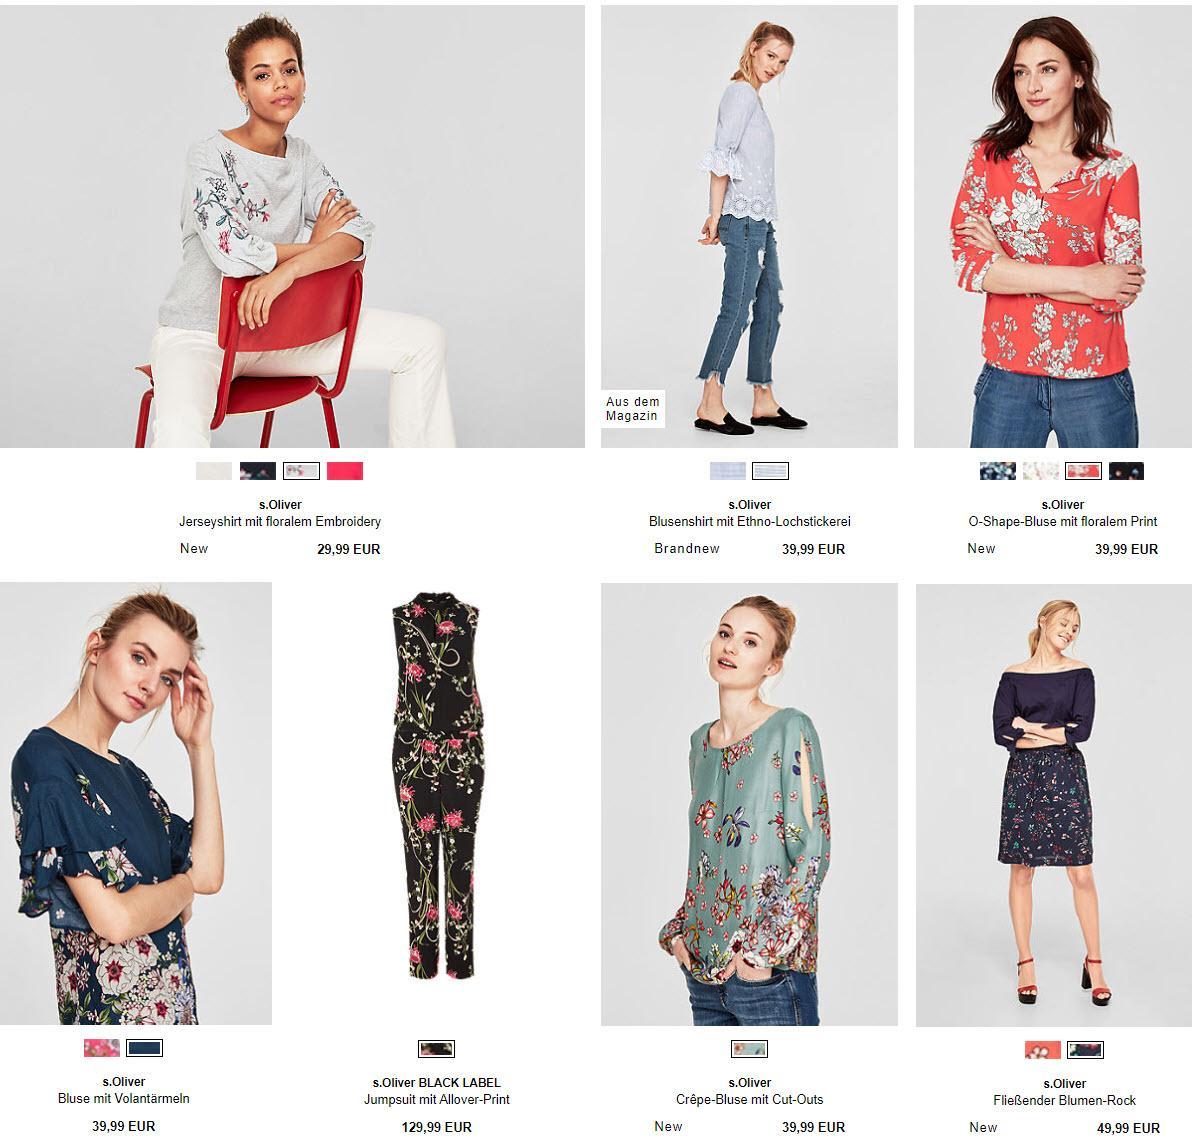 Женская одежда с цветочными принтами и вышивкой Доп. скидка 20% из магазина s.Oliver (Германия)